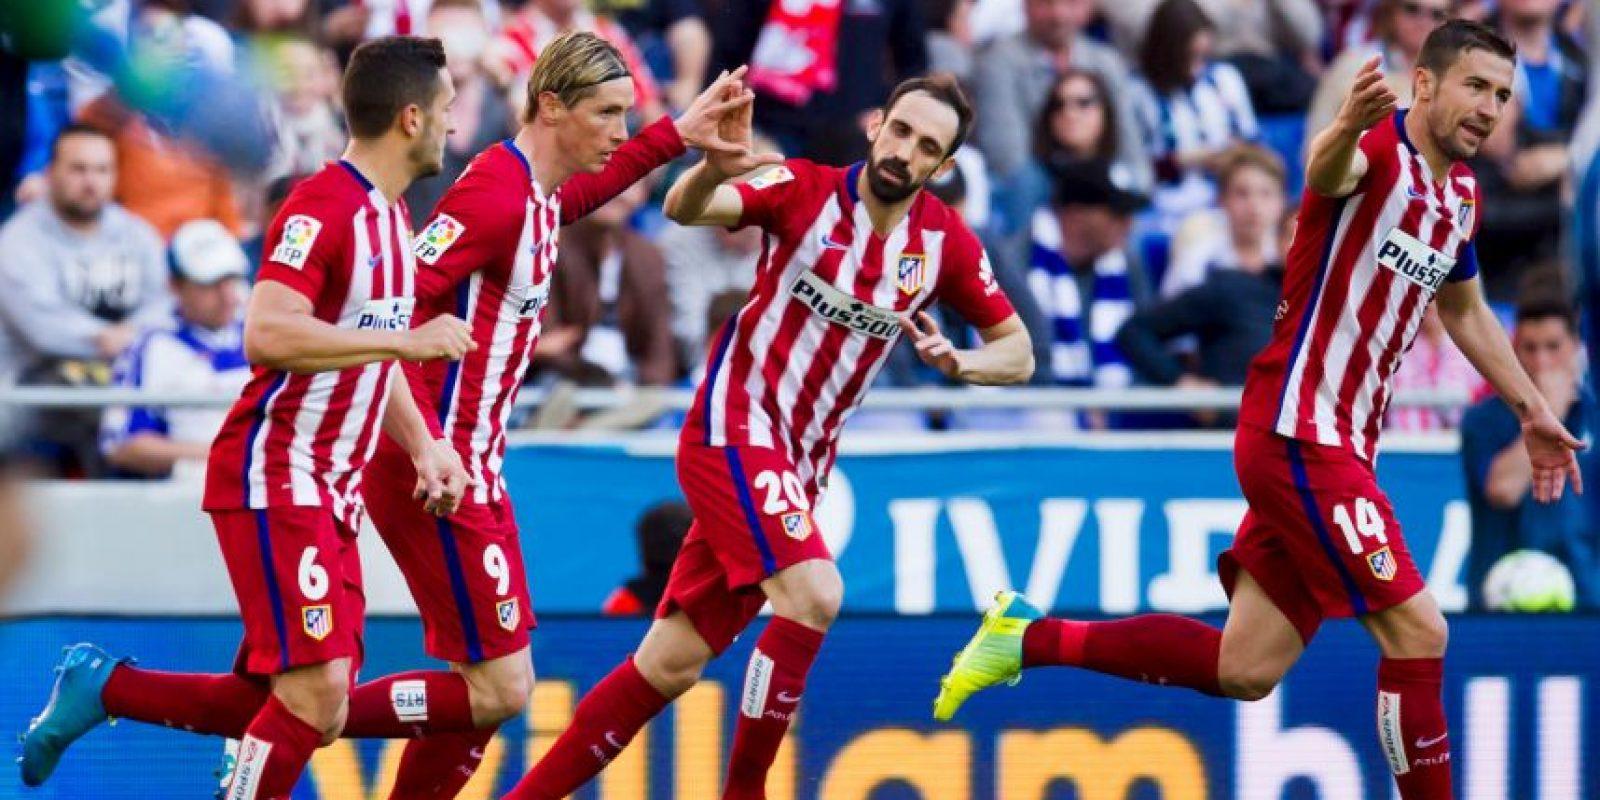 Aunque tienen una desventaja de un gol, pueden repetir la hazaña de hace dos años Foto:Getty Images